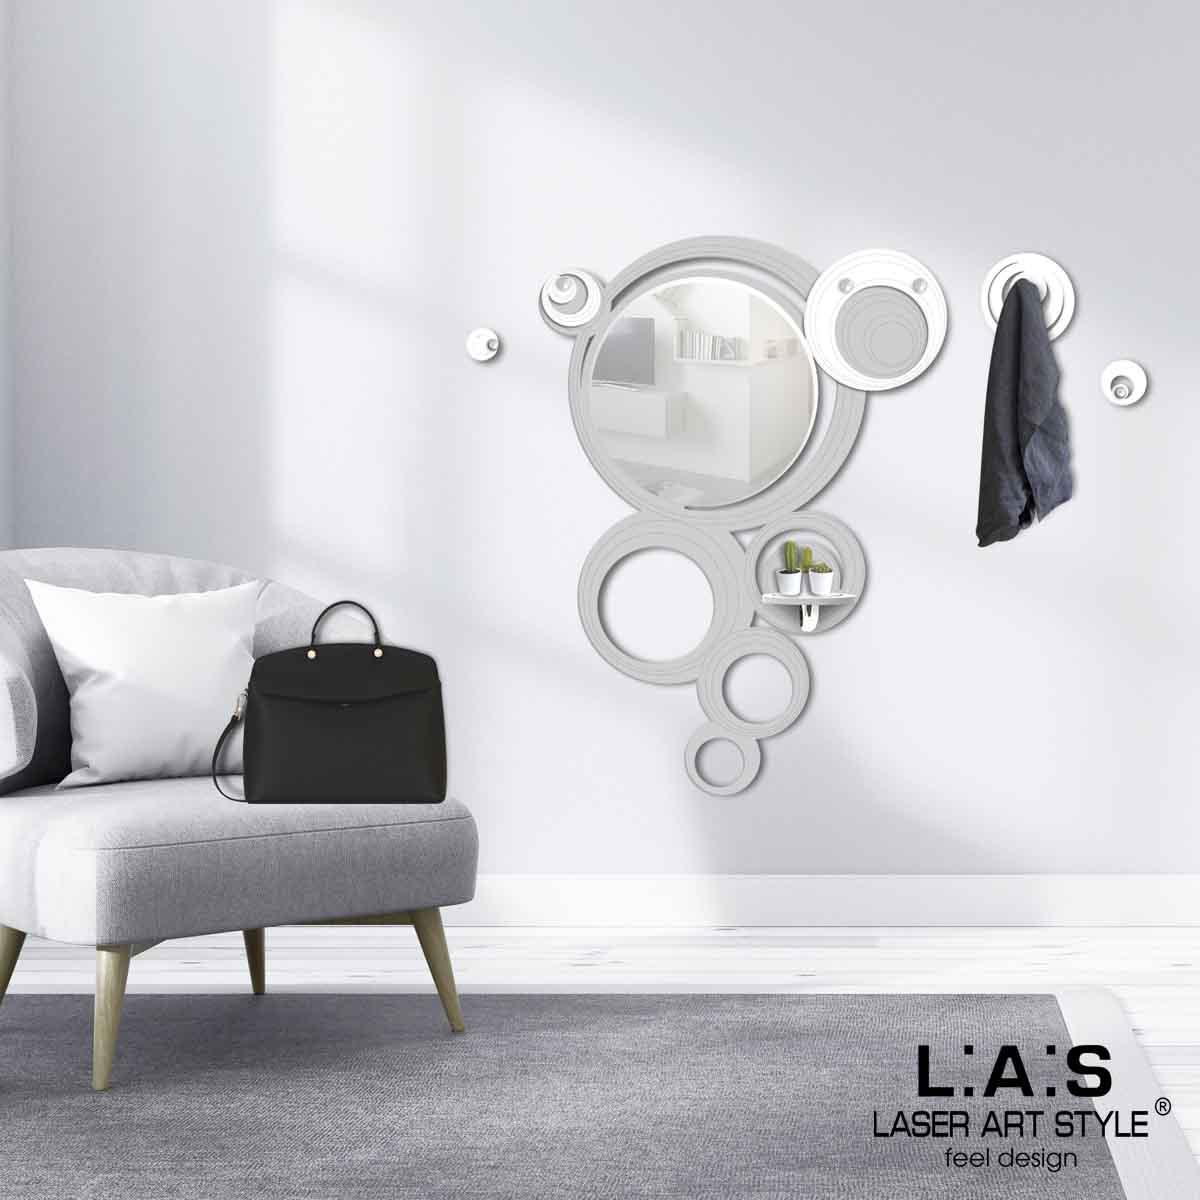 L:A:S - Laser Art Style - SPECCHIERA-MENSOLA-APPENDIABITI-DESIGN CERCHI – SI-281 GRIGIO LUCE-BIANCO